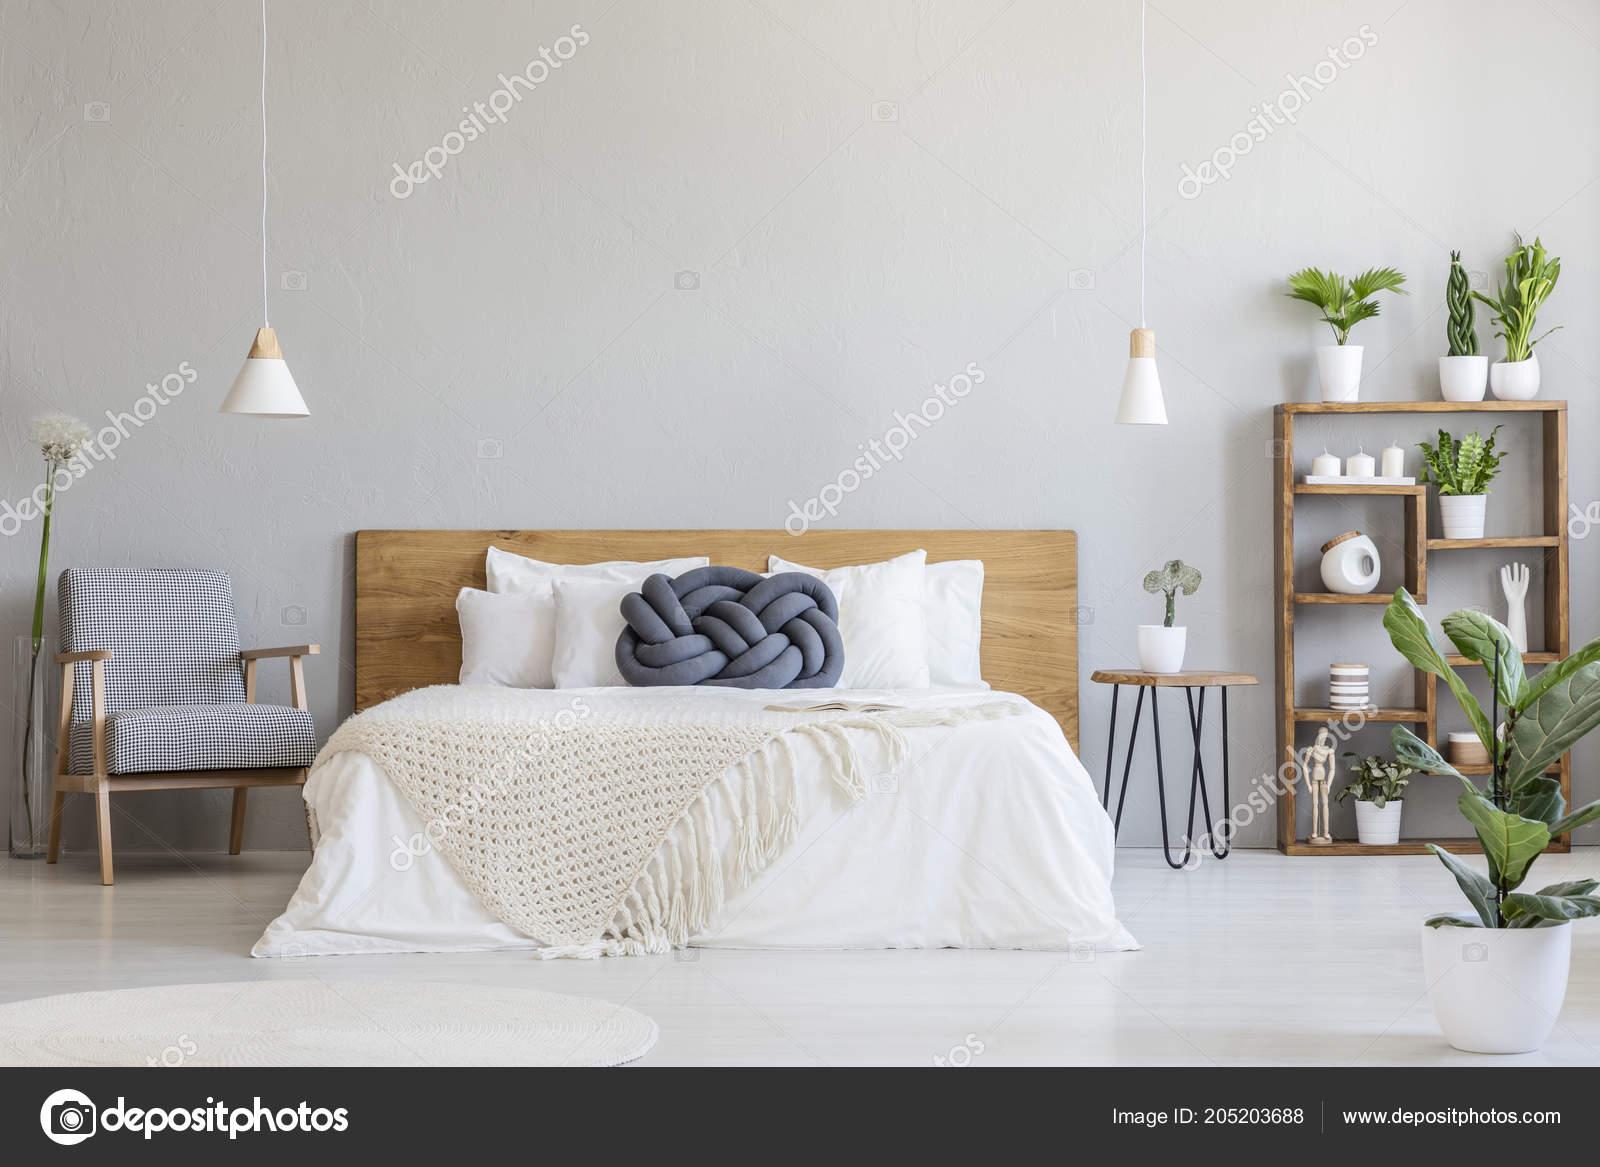 Blauwe knoop kussen houten bed moderne slaapkamer interieur met